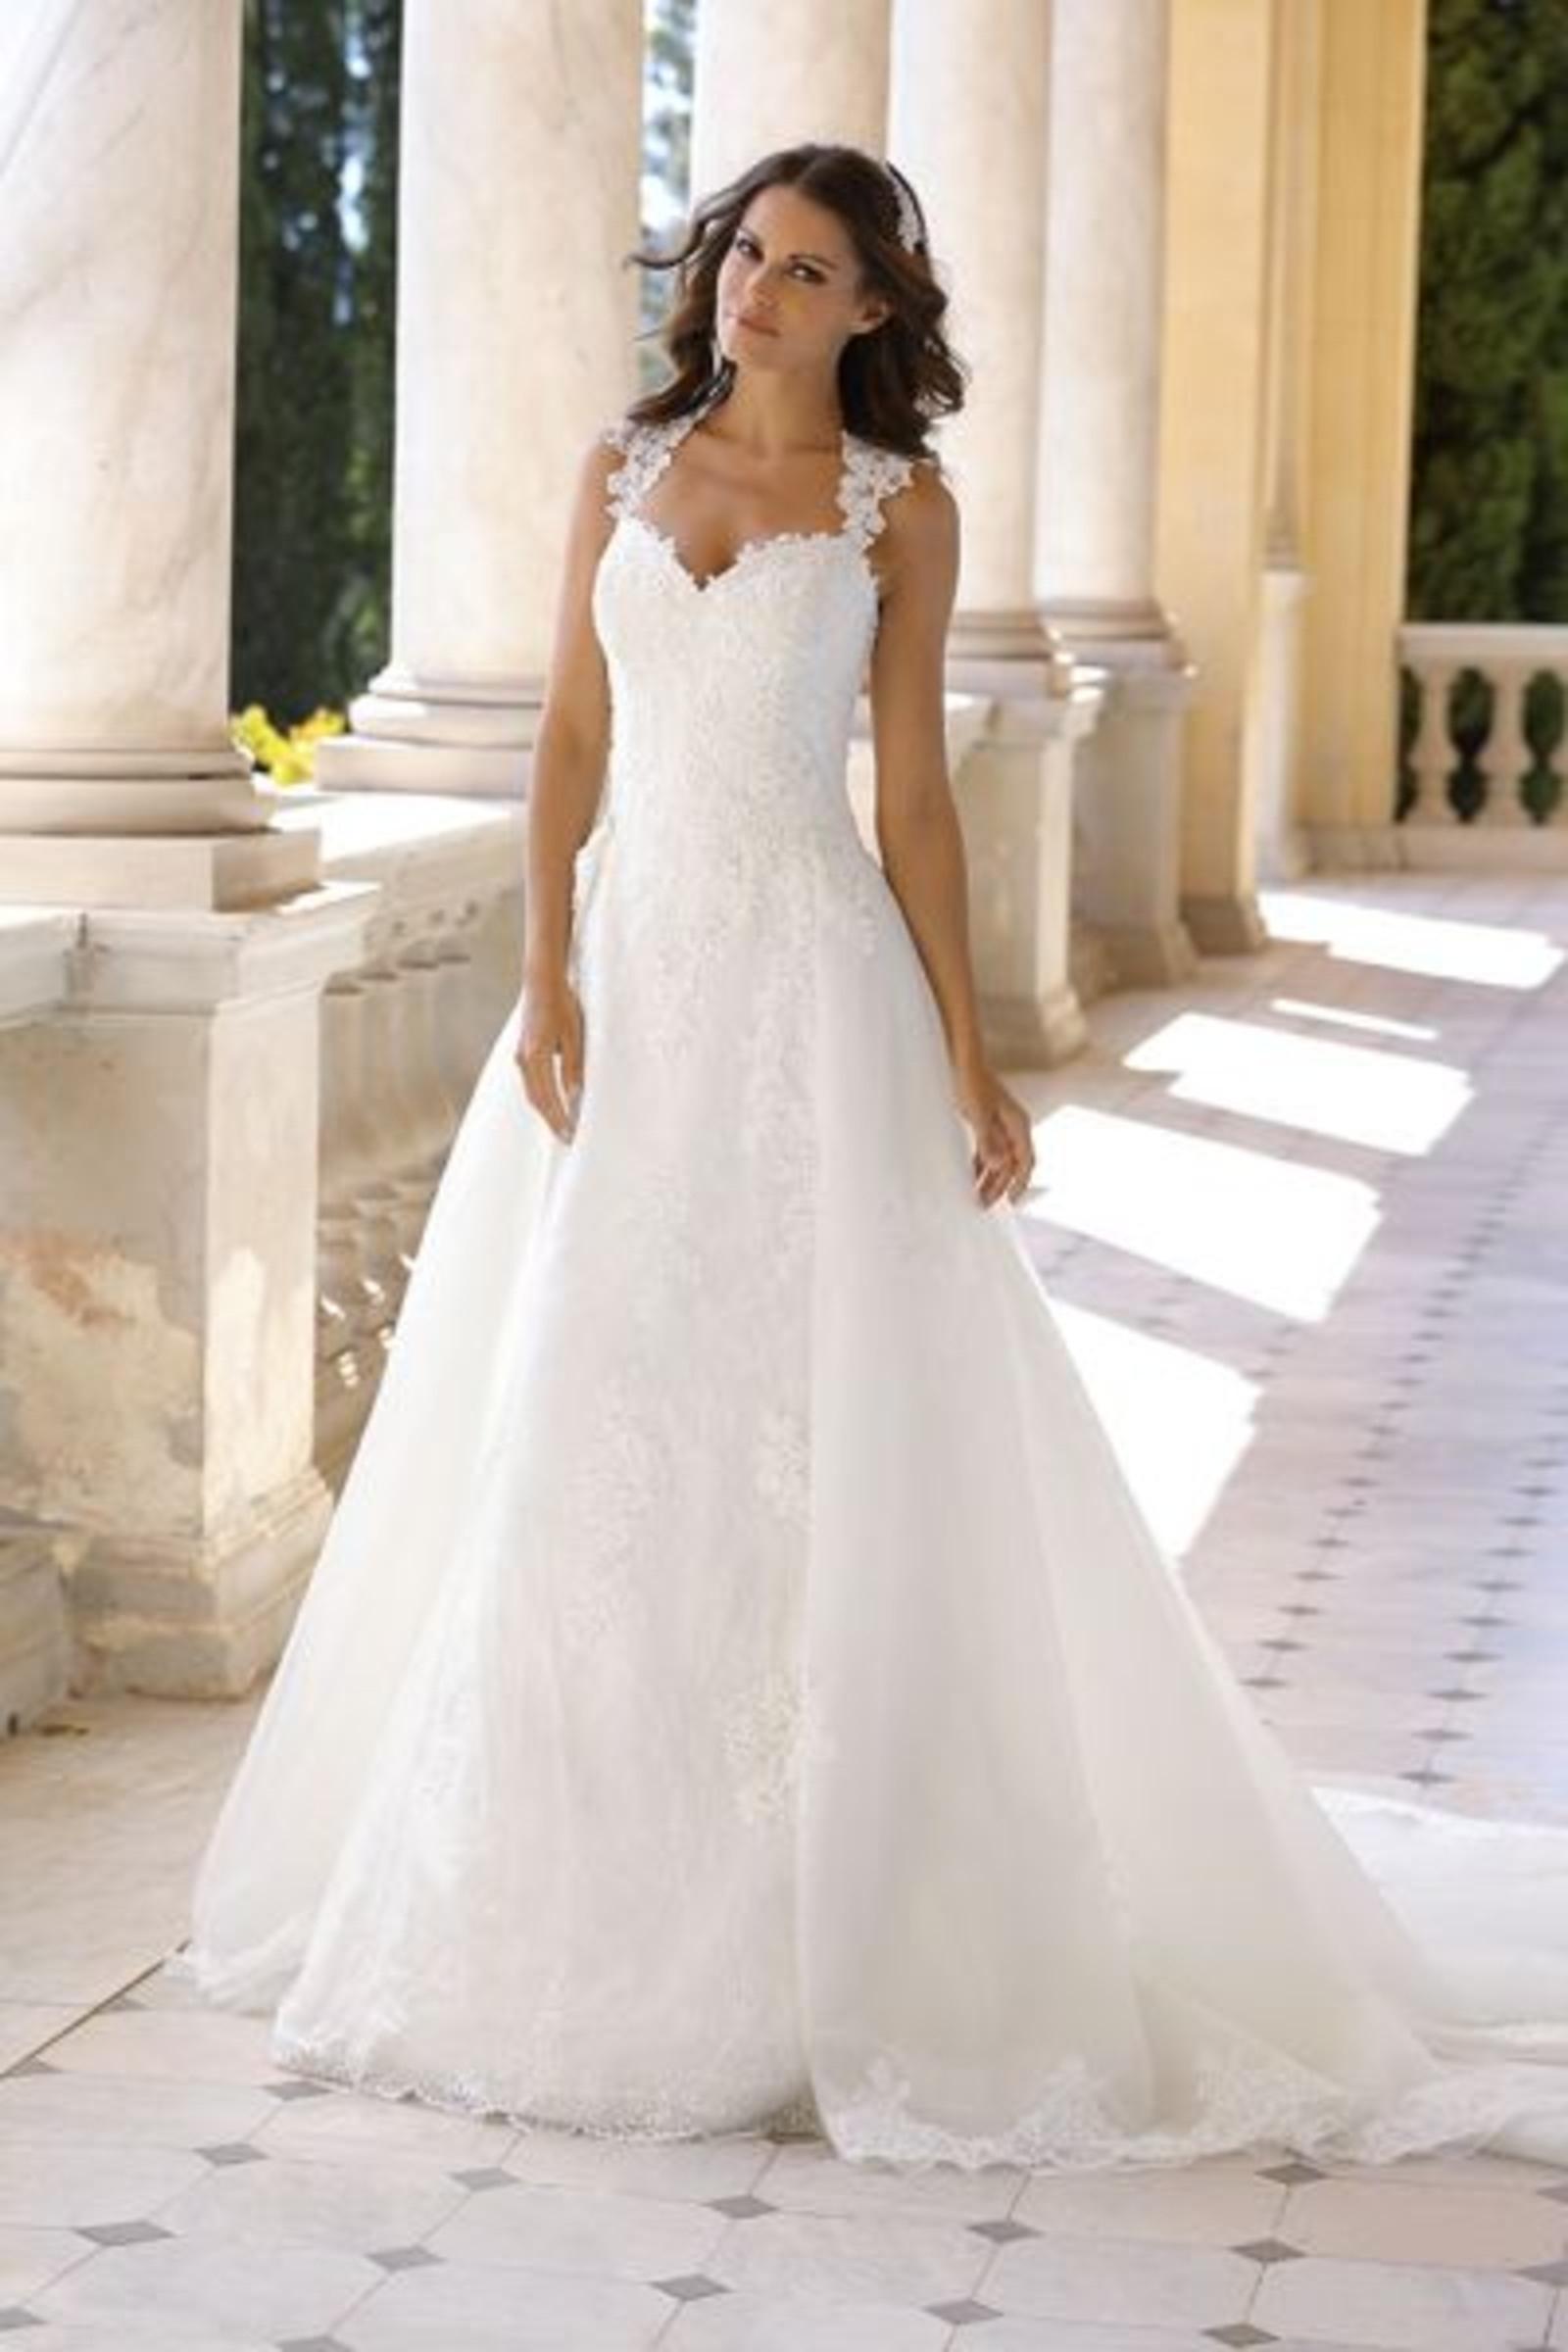 13 Erstaunlich Brautkleider Bester Preis Wunderbar Brautkleider Boutique